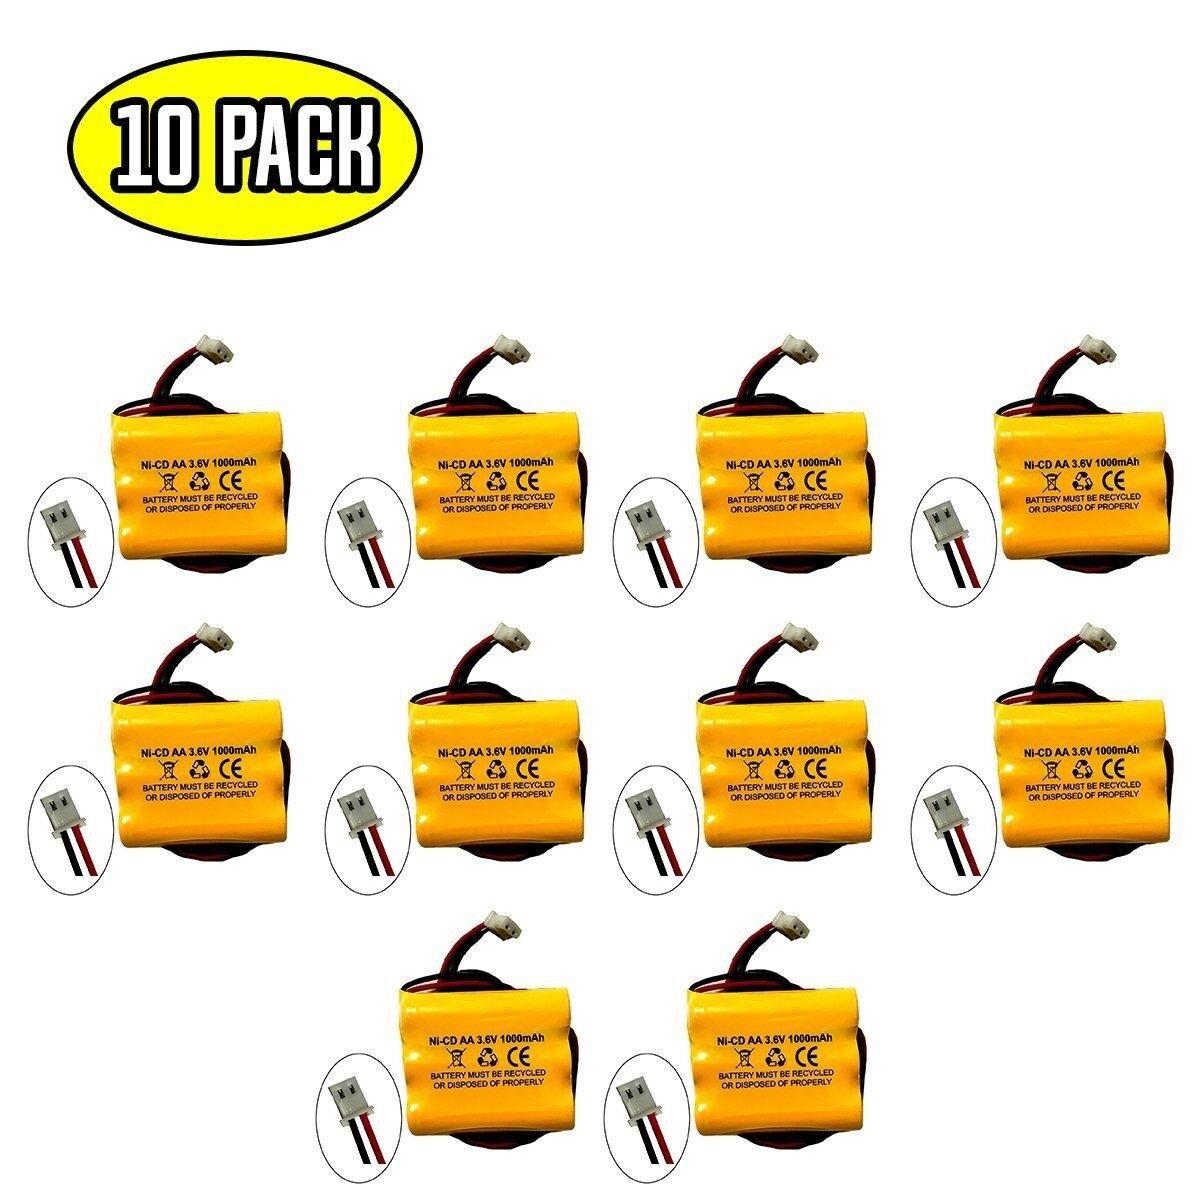 (10 pack) 3.6v 1000mAh Ni-CD Battery for Emergency / Exit Light